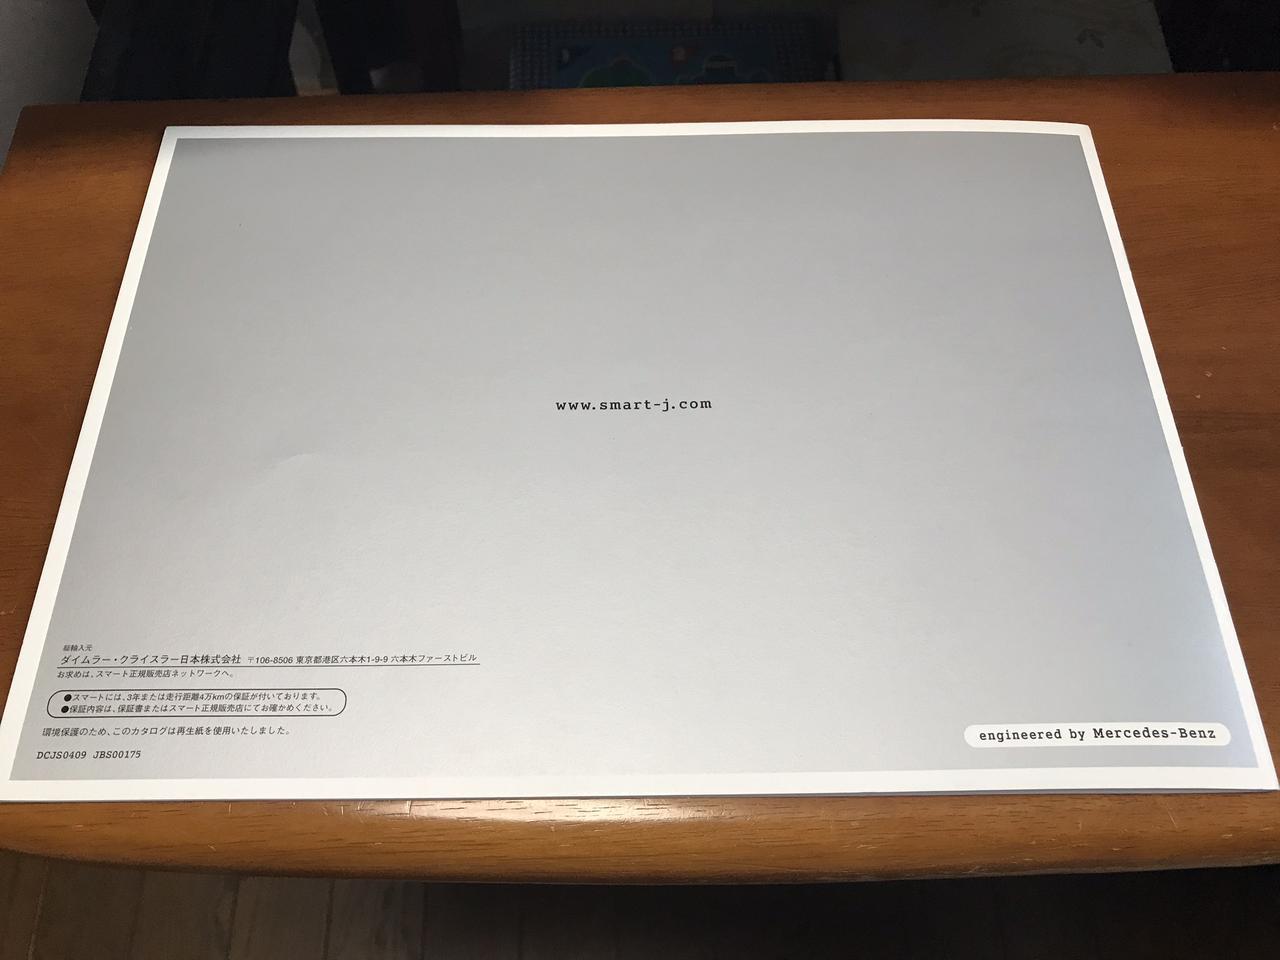 画像24: 懐カタログ'04「スマート フォーフォー」